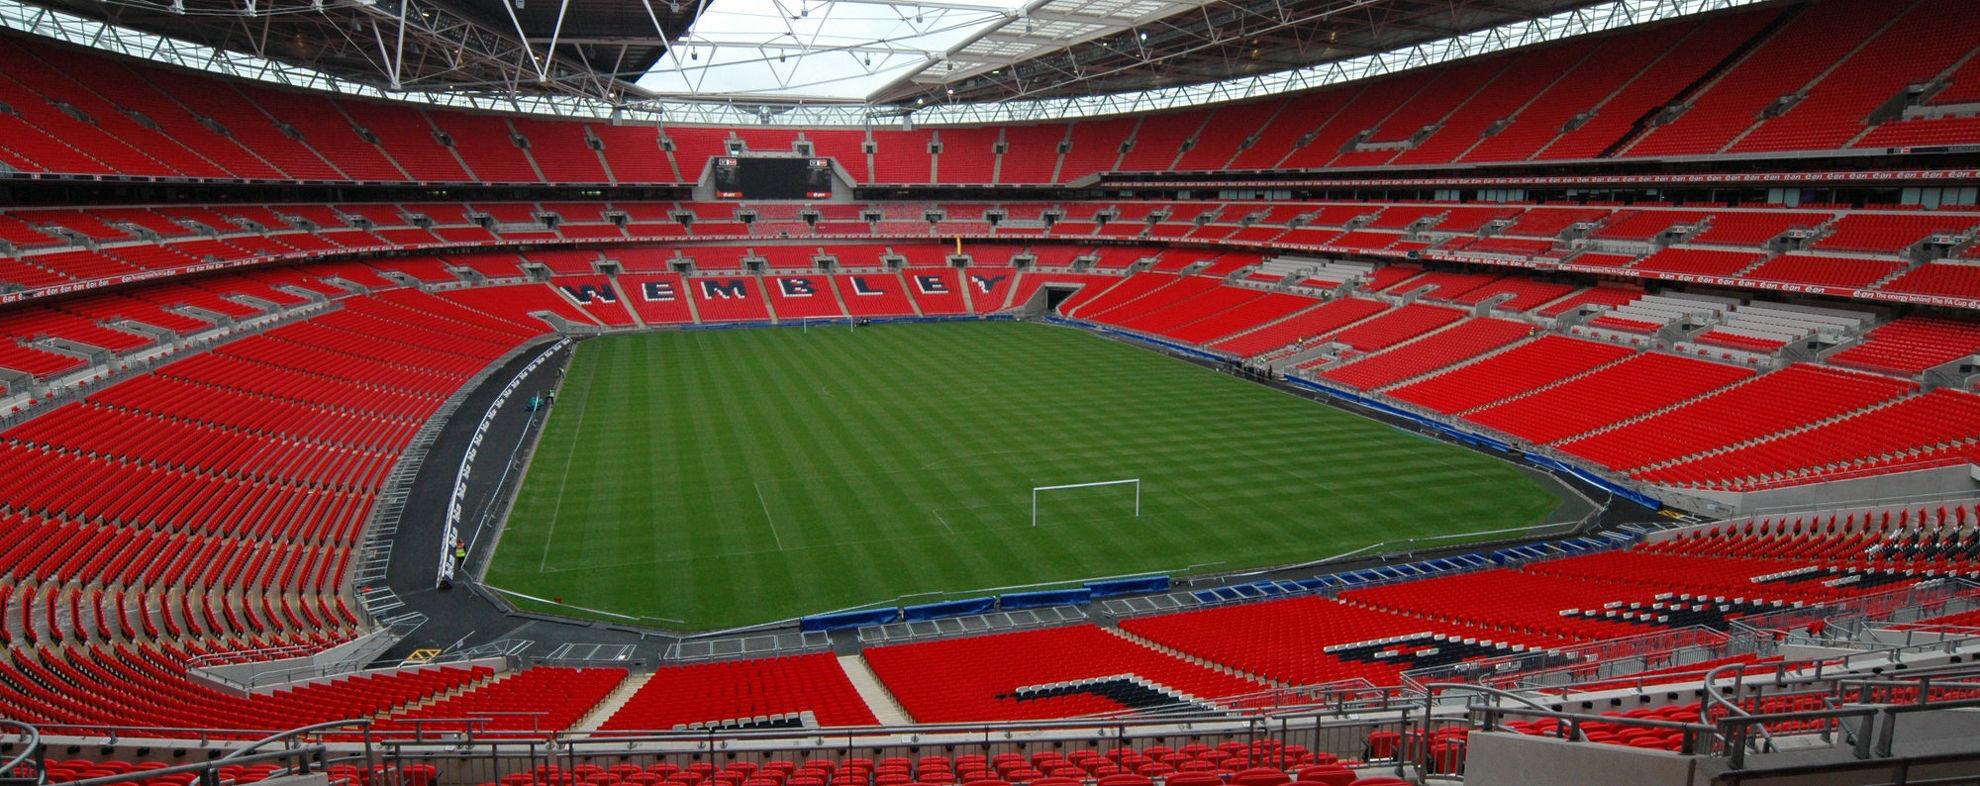 Explore Wembley